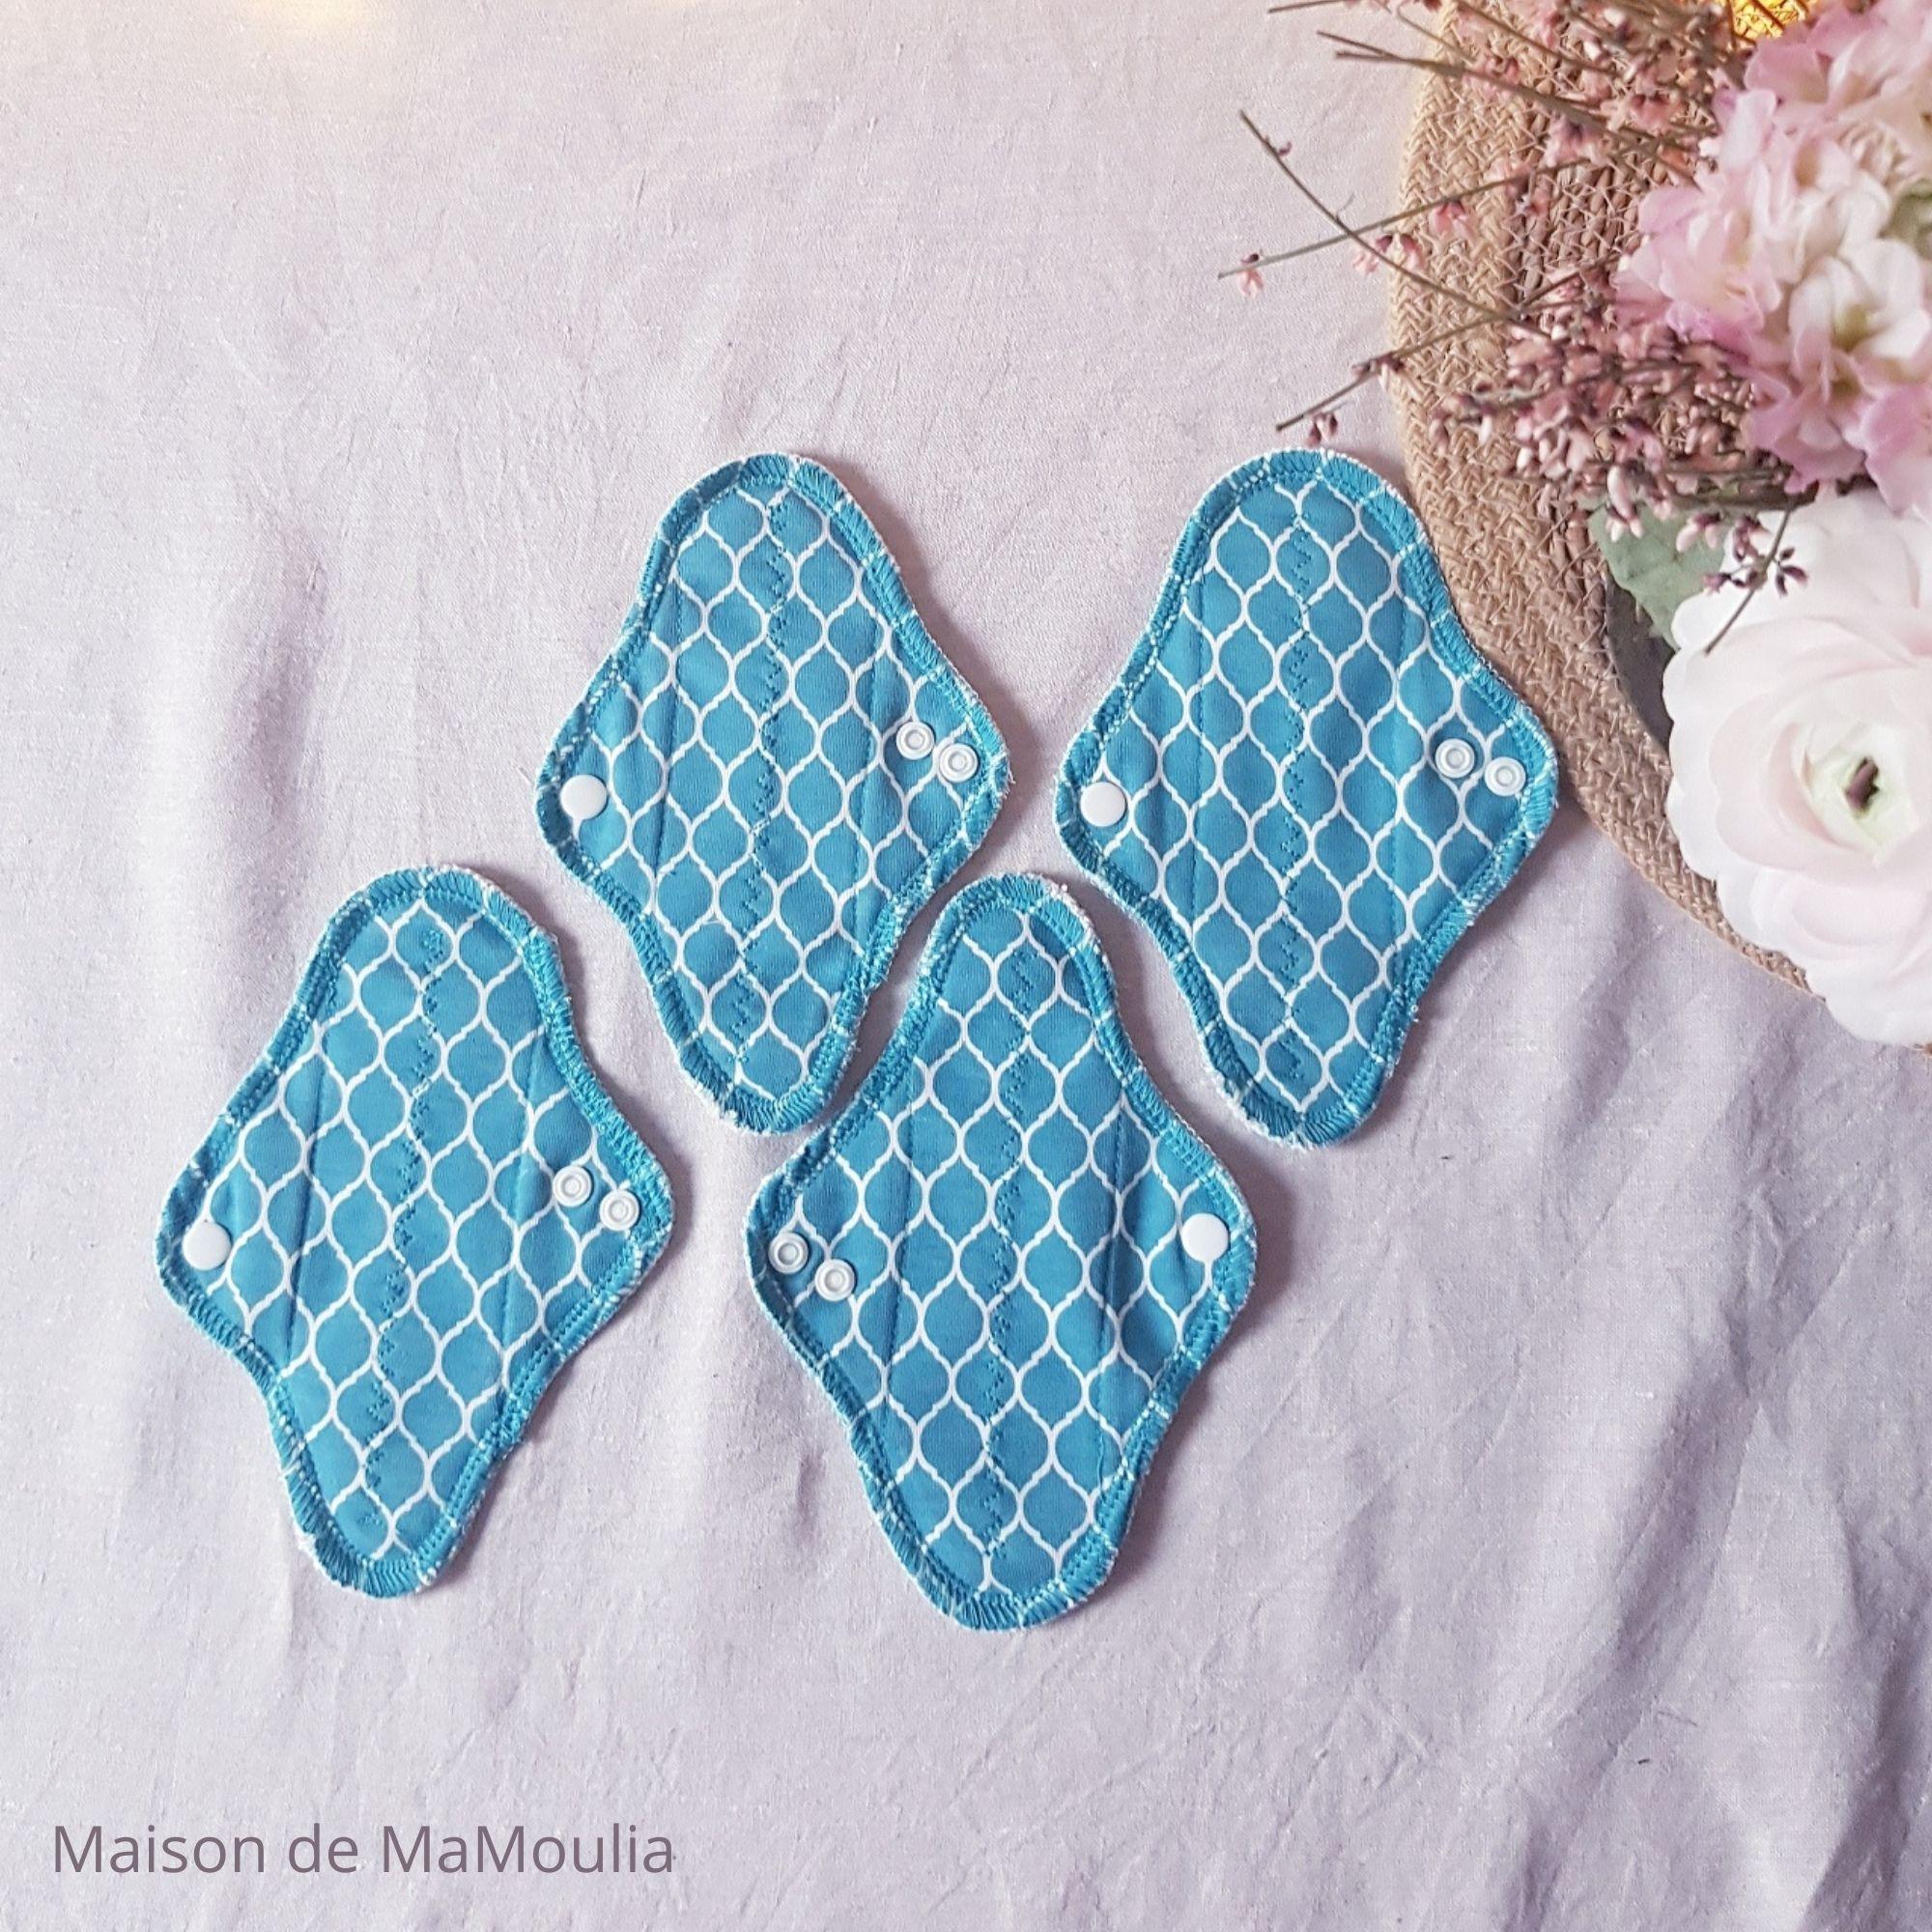 MaM ECOFIT - Serviettes Hygiéniques Lavables - taille MINI - BLEU, lot de 4